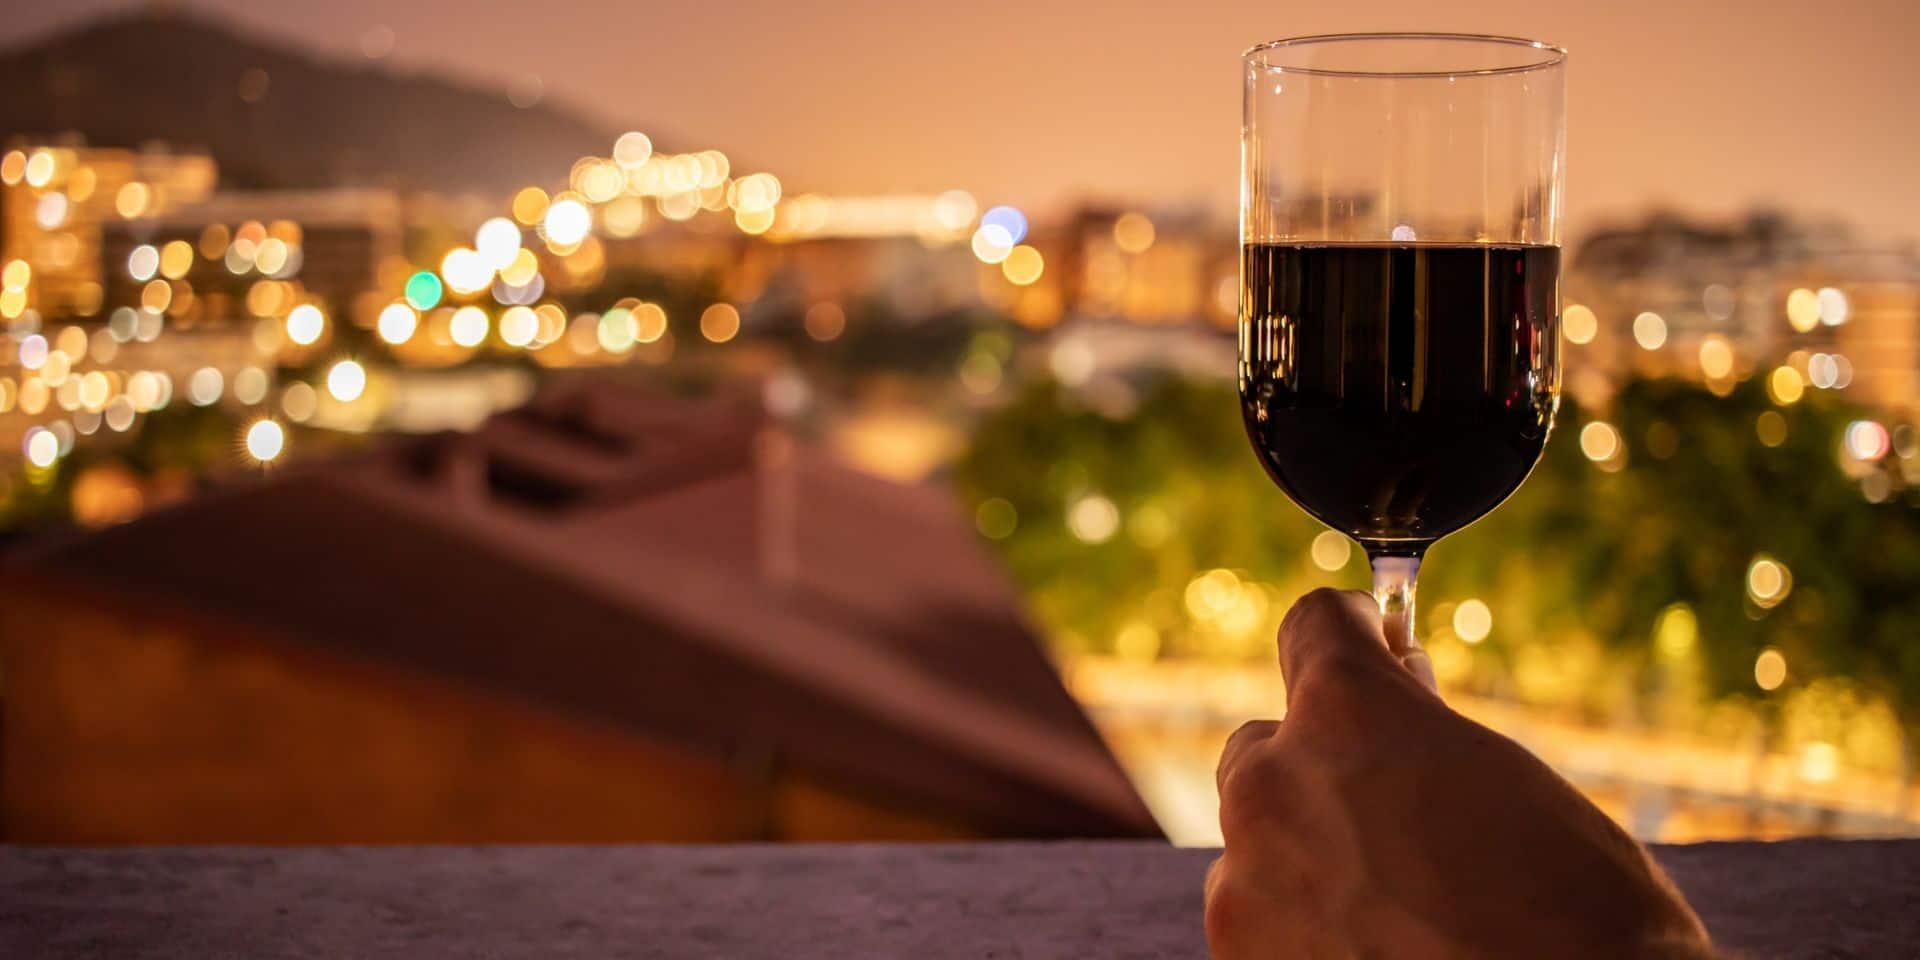 Voici les meilleurs bars à vins de Bruxelles